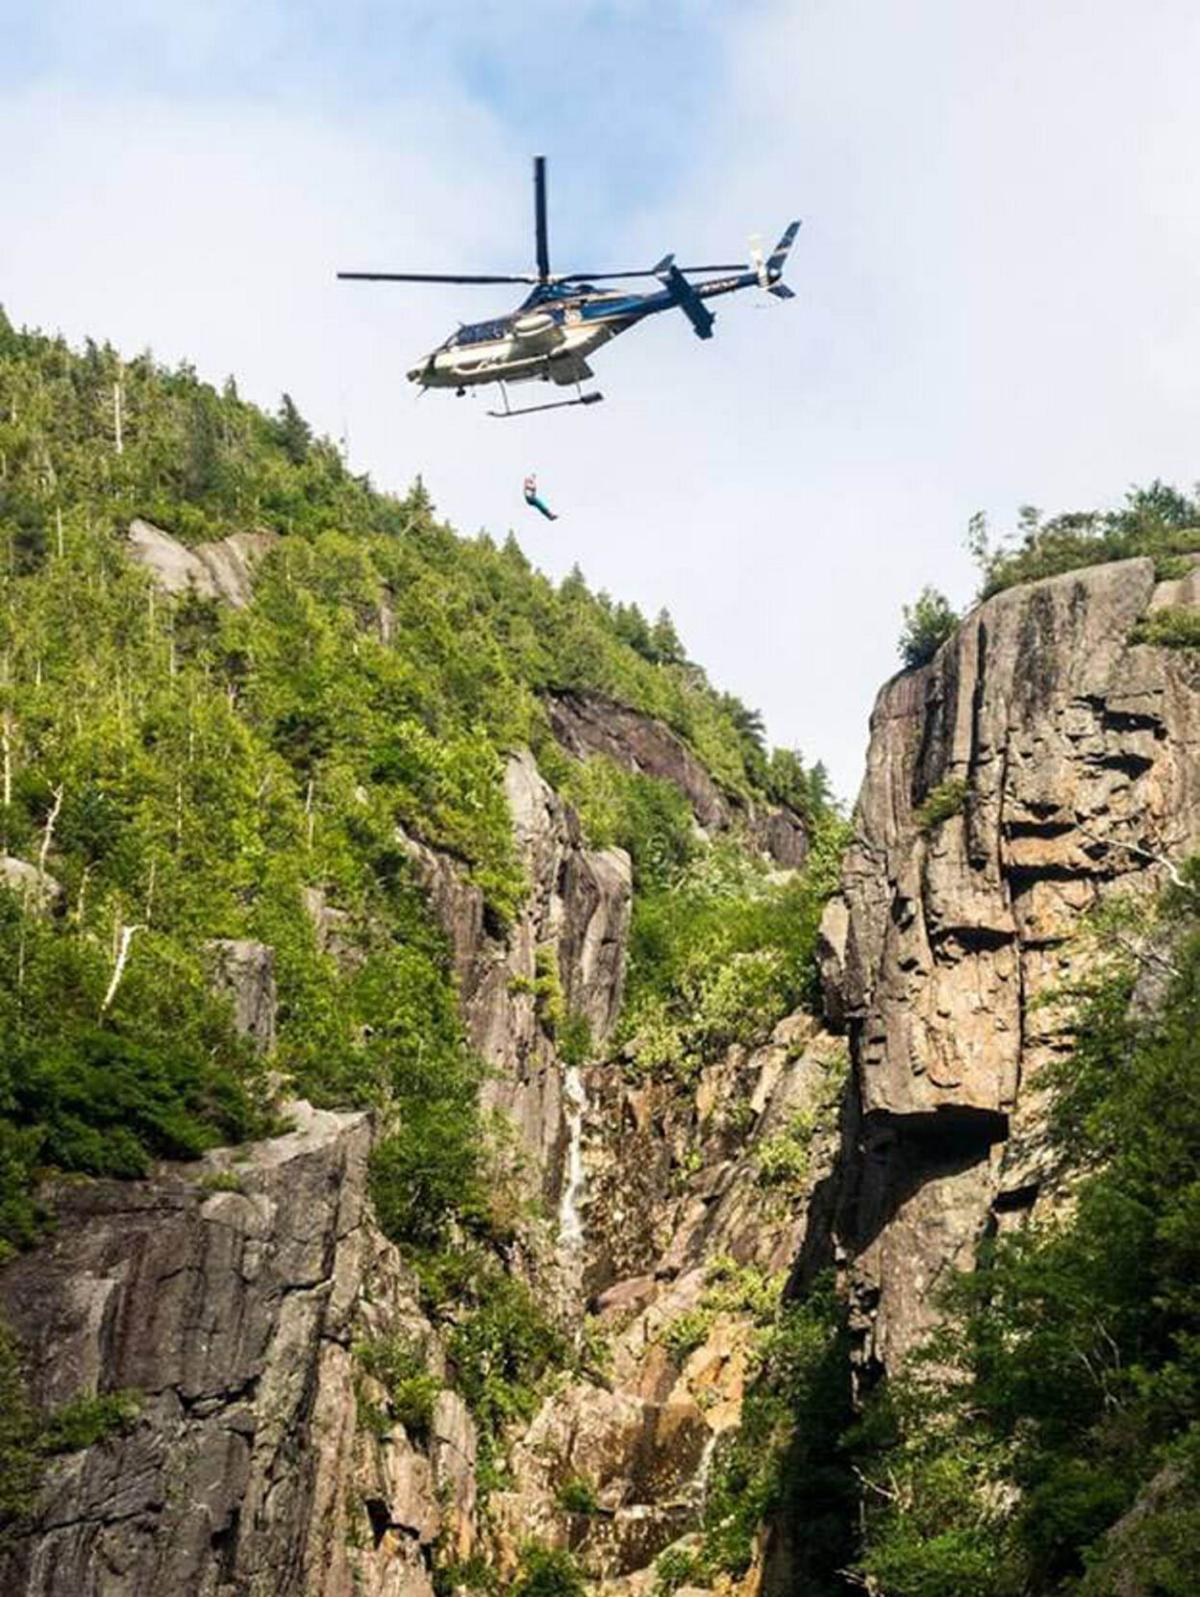 Rangers rescue injured High Peaks hiker